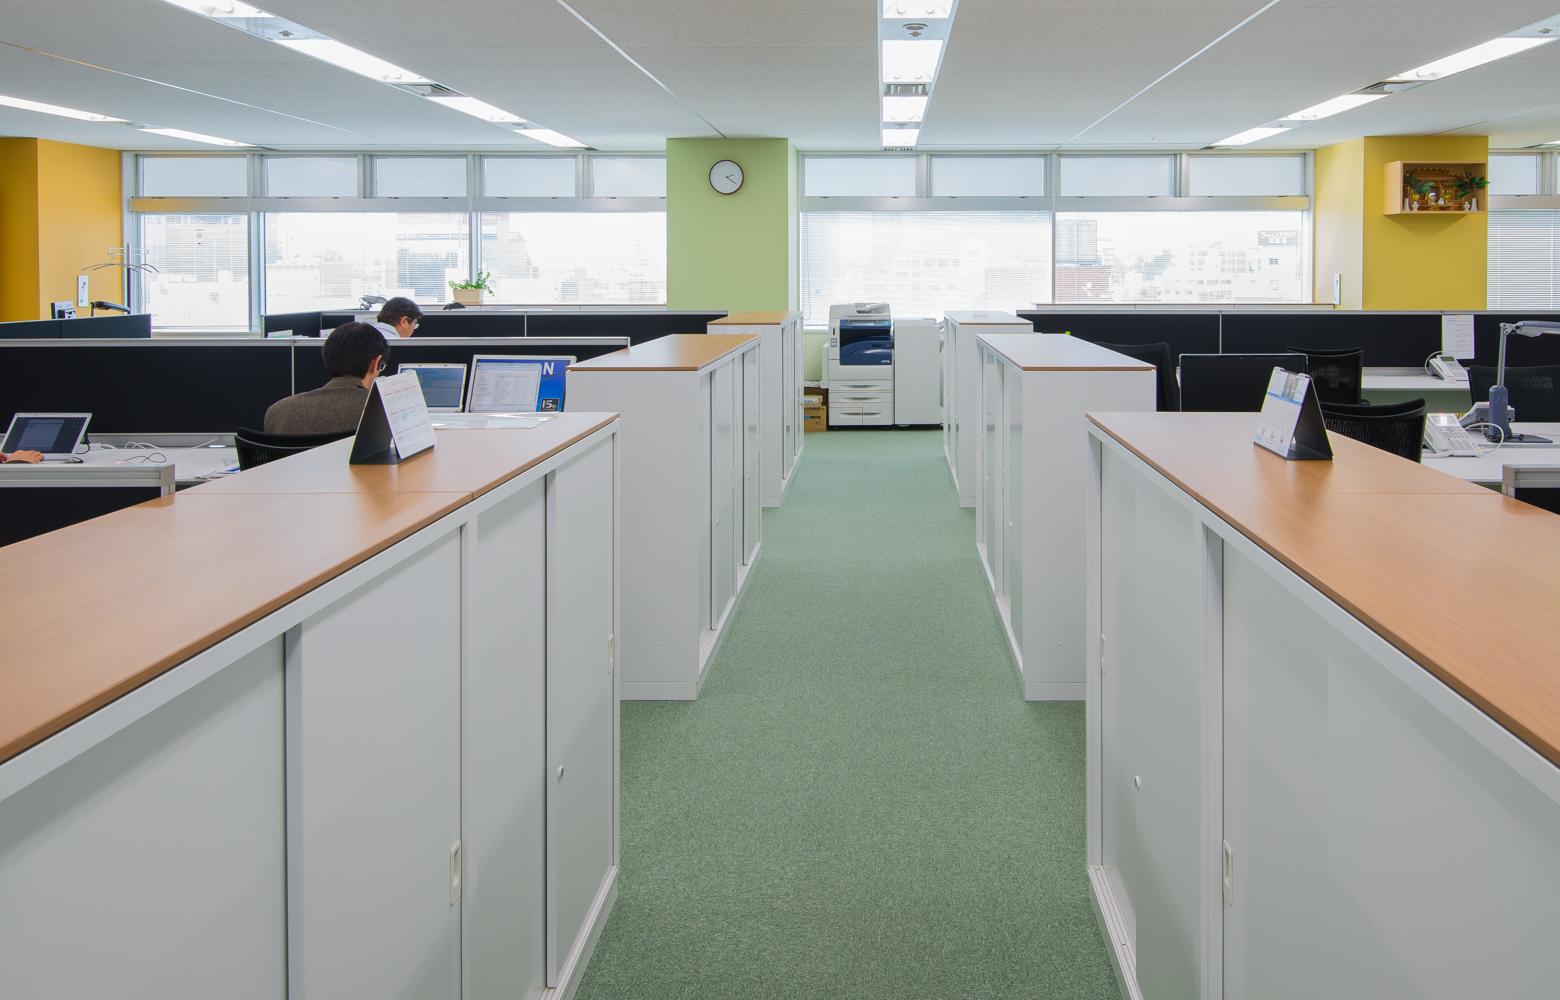 株式会社かいはつマネジメント・コンサルティング Work Space デザイン・レイアウト事例